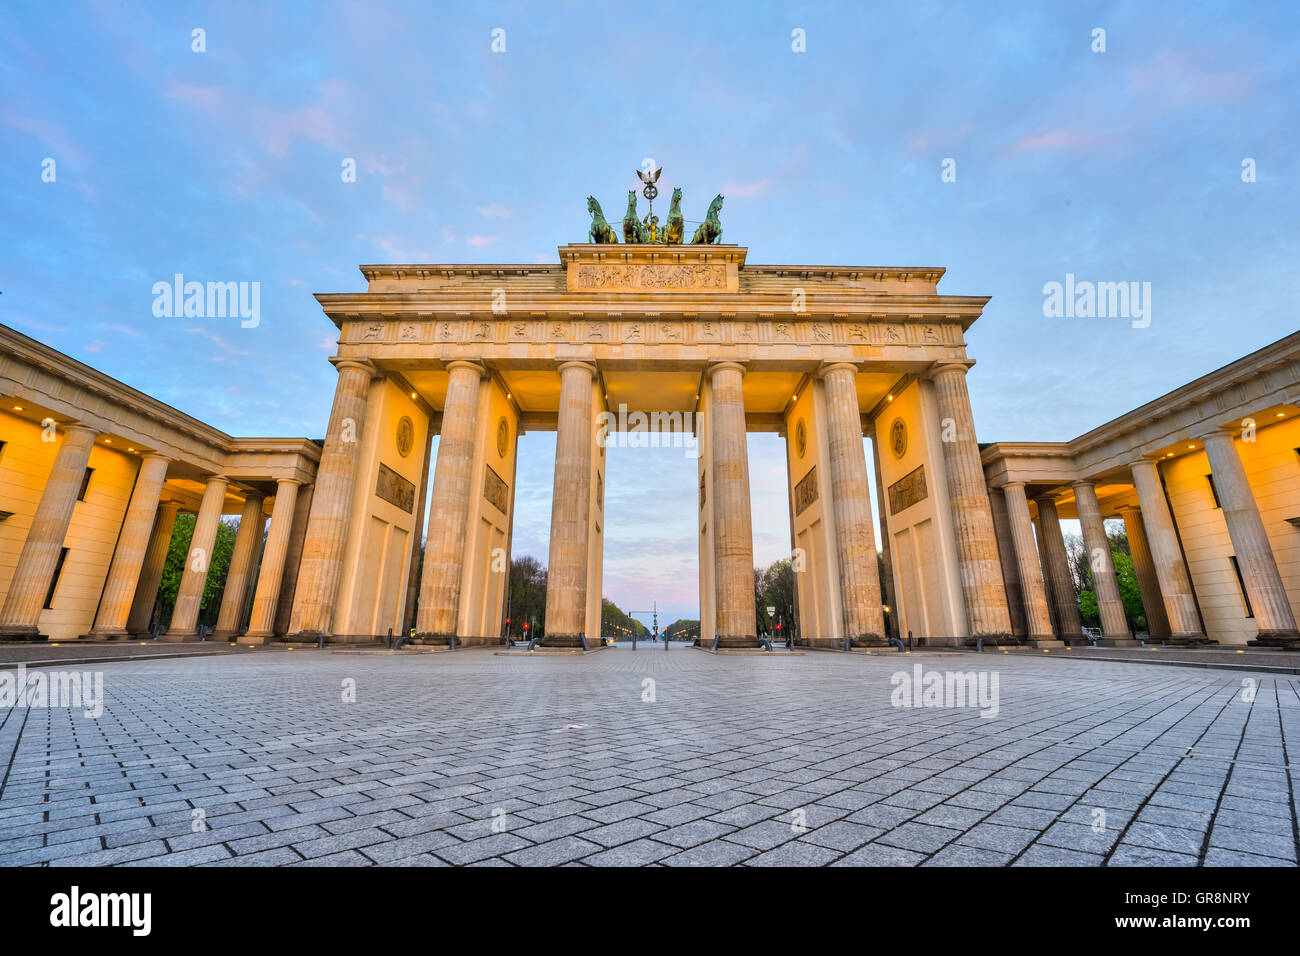 La Porta di Brandeburgo a Berlino, Germania. Immagini Stock